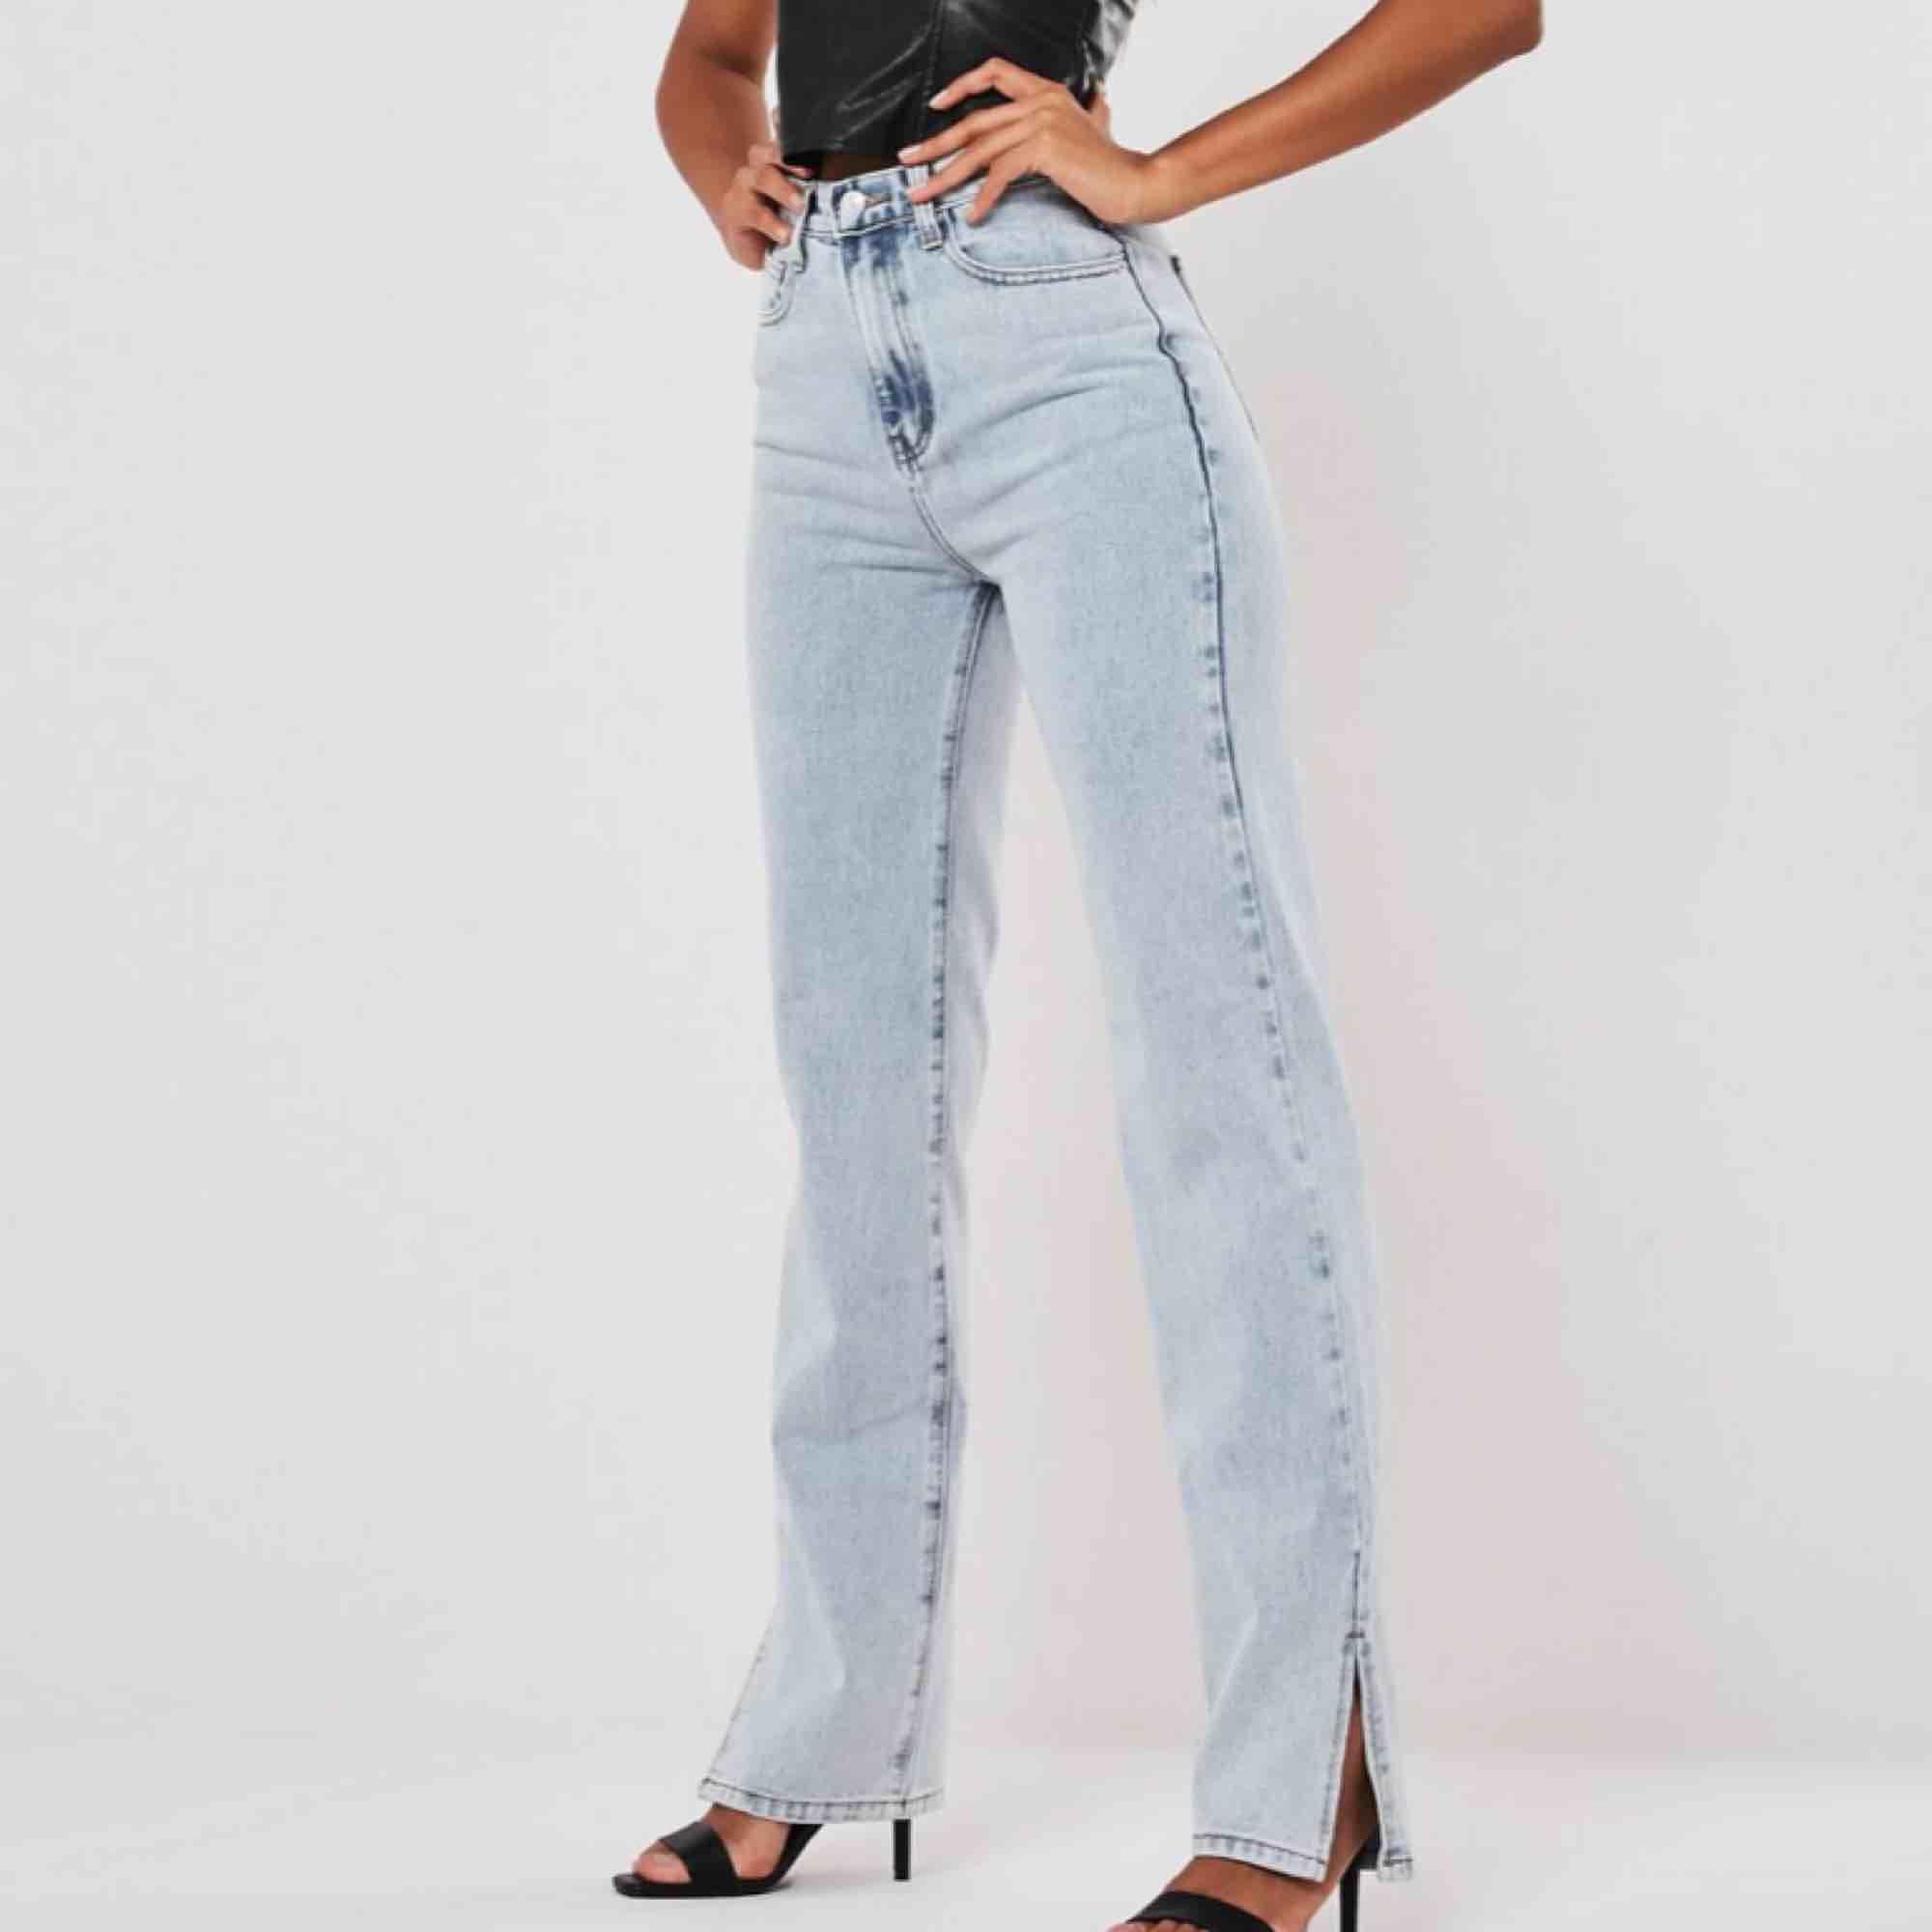 INTRESSEKOLLpå dessa snygga ljusblåa byxor med slits!!! Från missguided. DE ÄR SLUTSÅLDA PÅ HEMSIDAN. Helt nya, lapp och allt kvar! För att slippa slitsen vid rumpan, använd strumpbyxor under. Köpte för 420kr!!Säljer om jag får bra bud☠️💜. Jeans & Byxor.